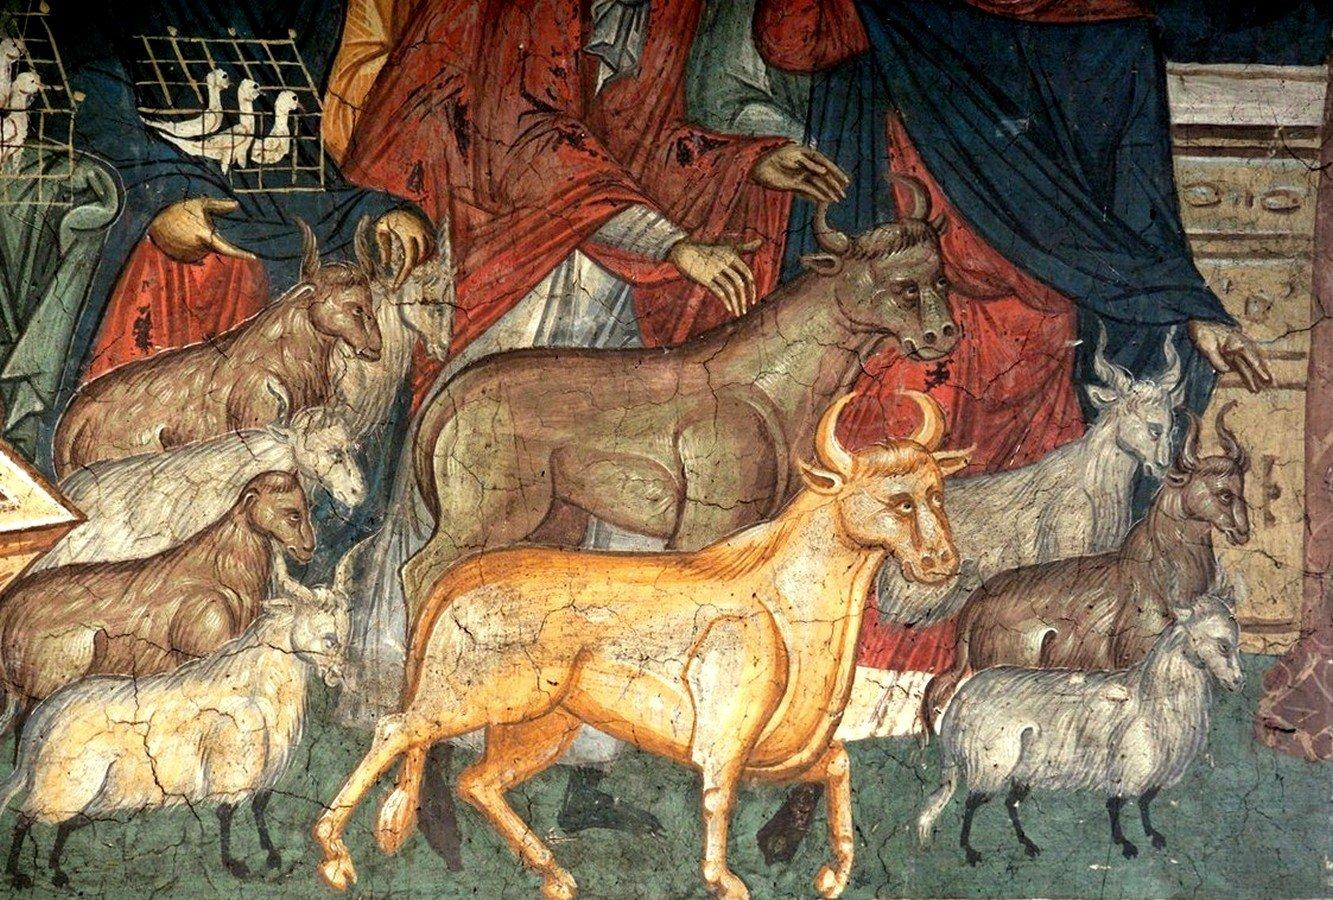 Изгнание торгующих из храма. Фреска монастыря Высокие Дечаны, Косово и Метохия, Сербия. До 1350 года. Фрагмент.